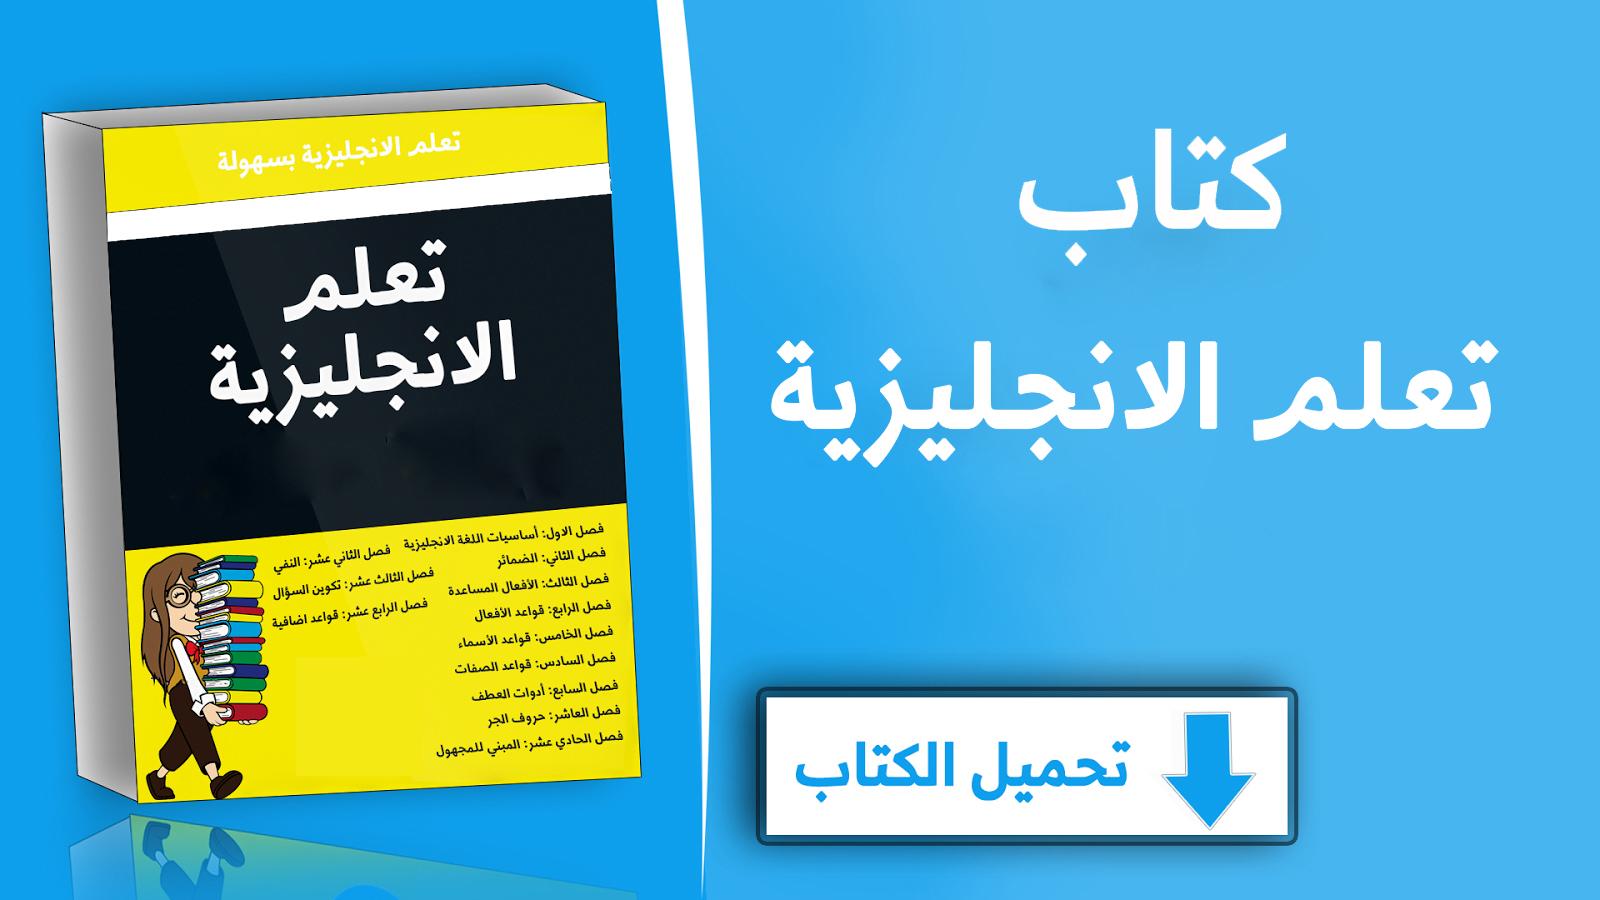 تحميل كتب تعلم اللغة الانجليزية بالصوت والصورة مجانا من